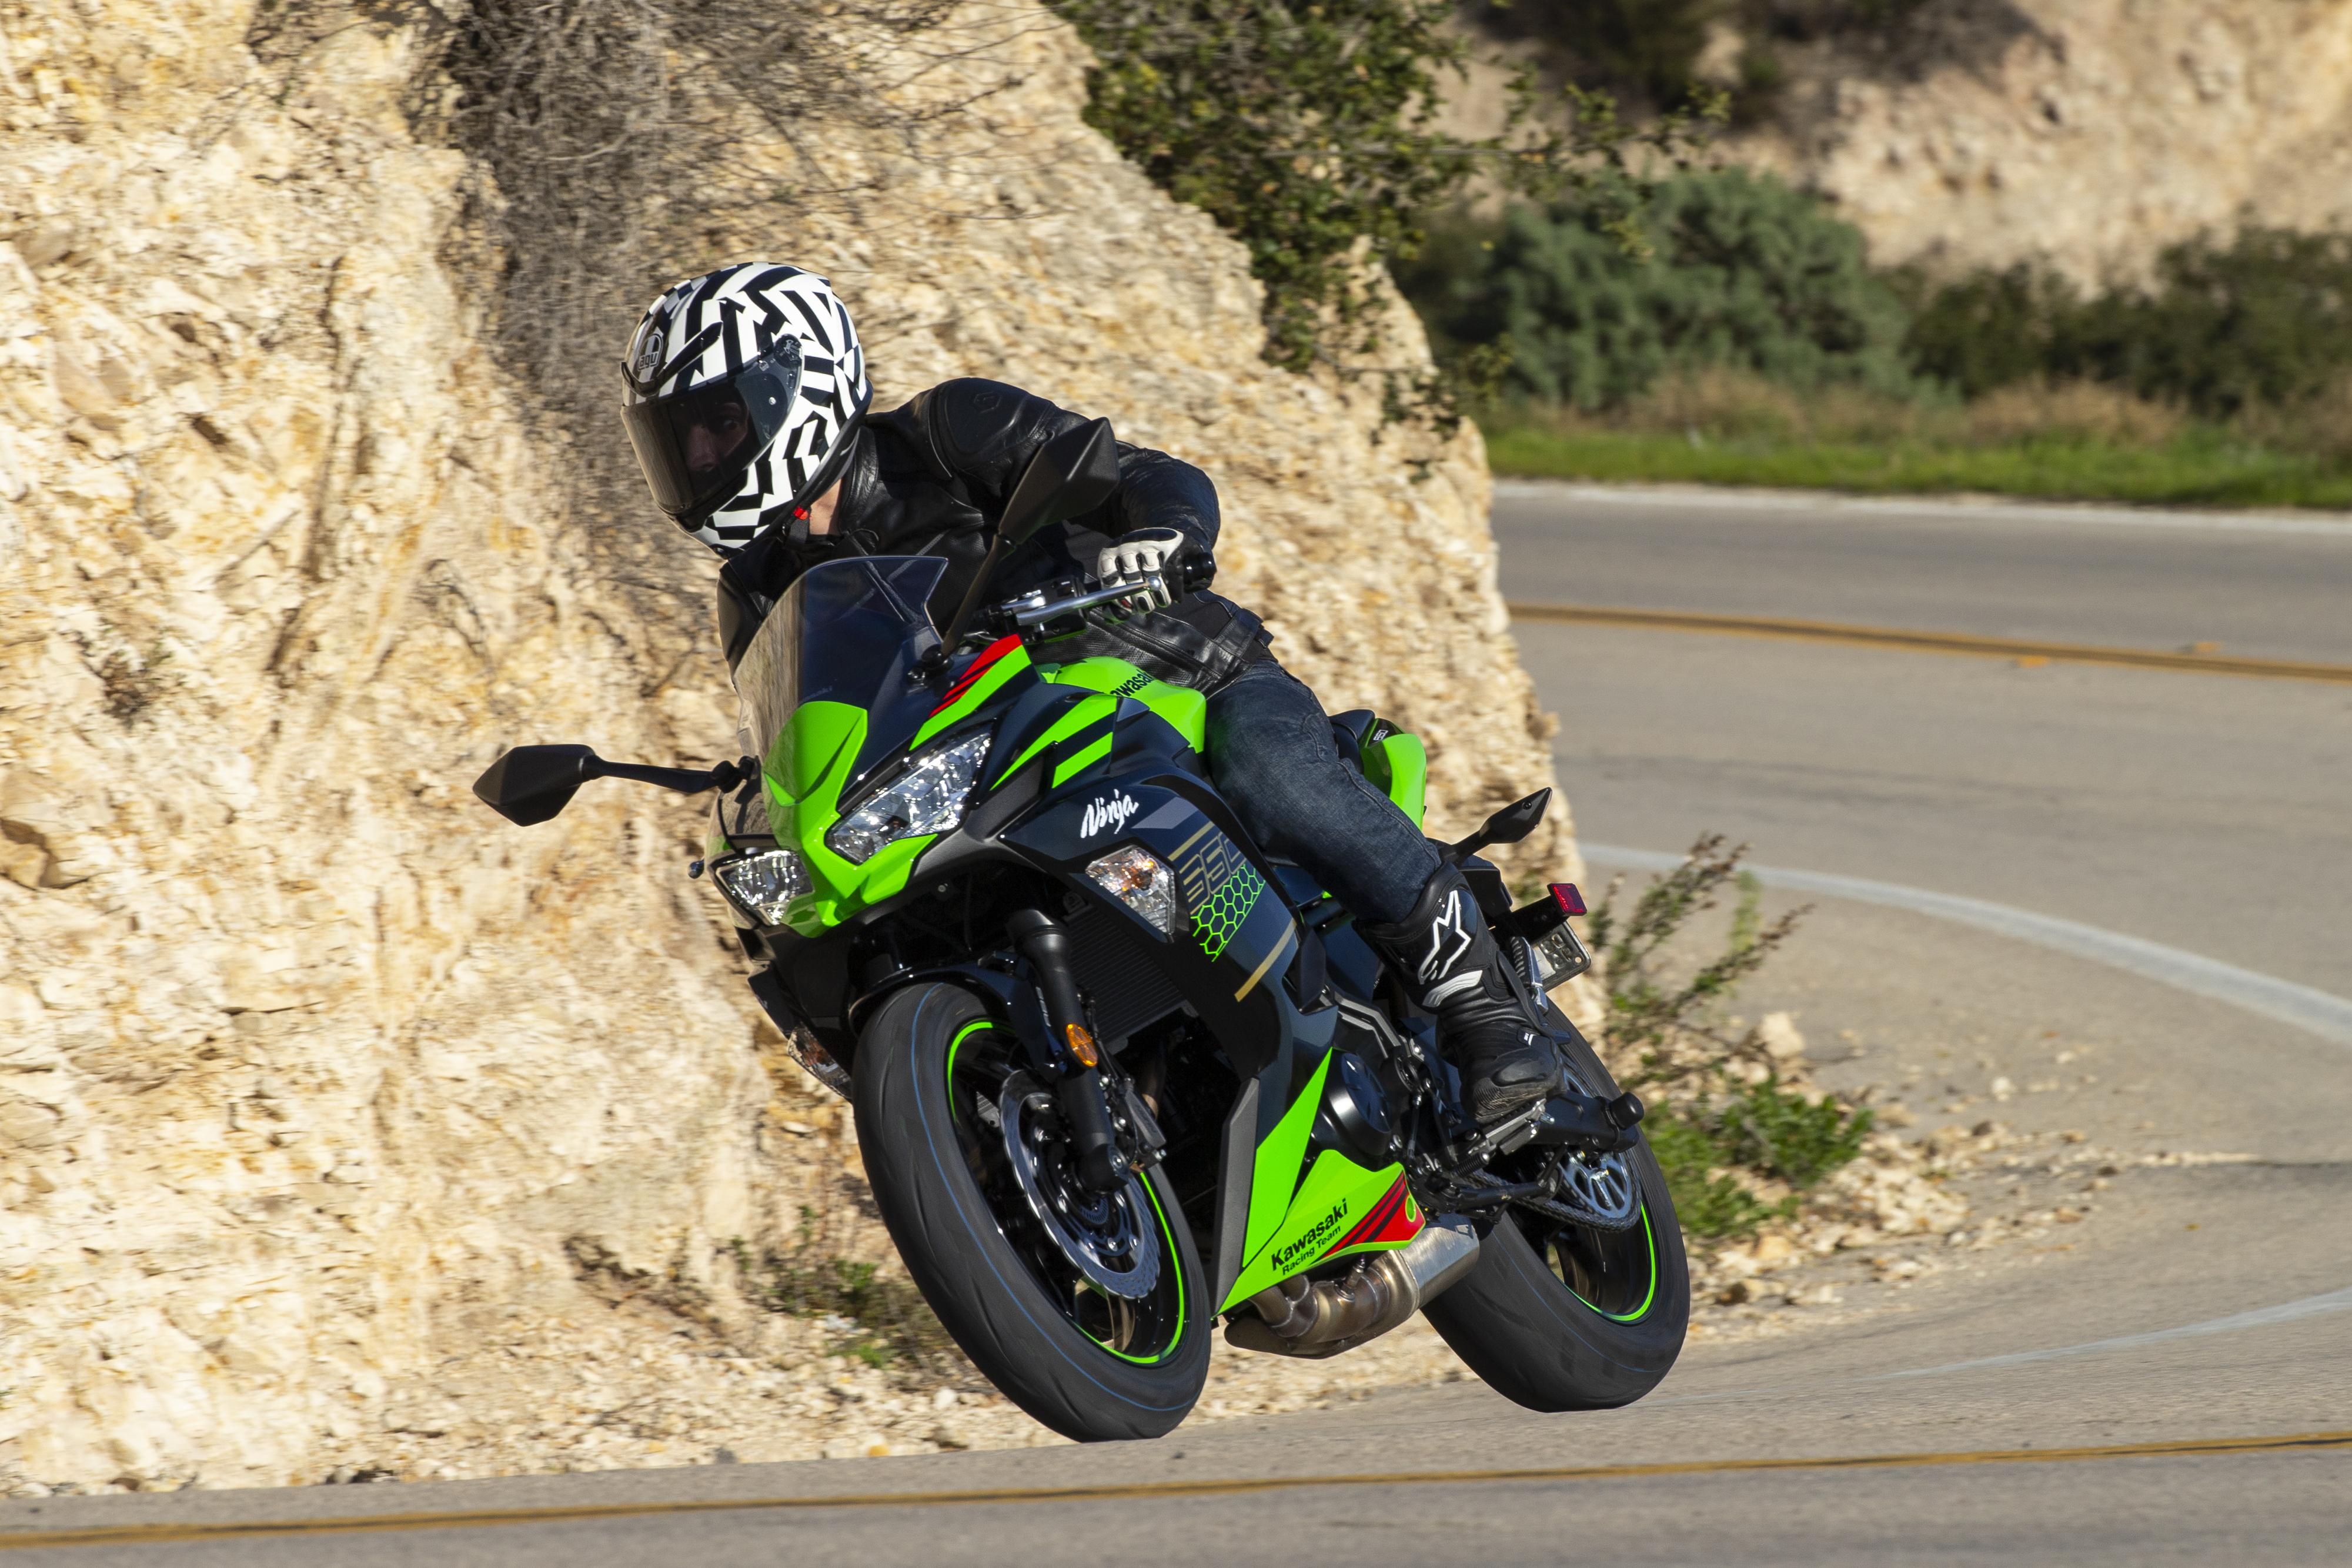 2020 Kawasaki Ninja 650 First Ride Review Revzilla